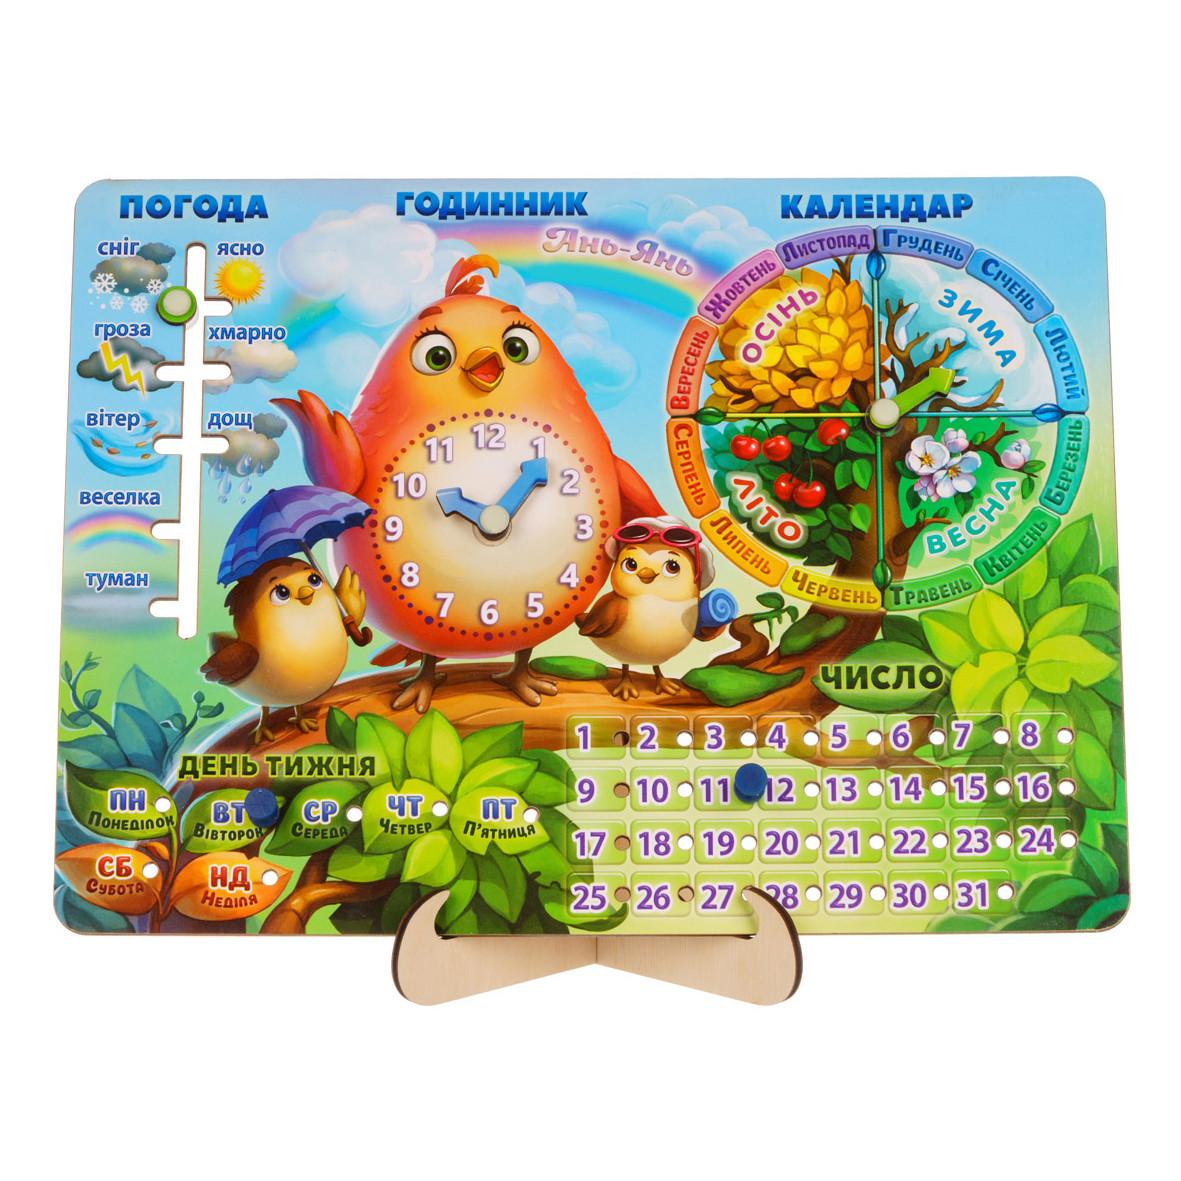 Игра: Календарь - 2 (птичка) на украинском языке